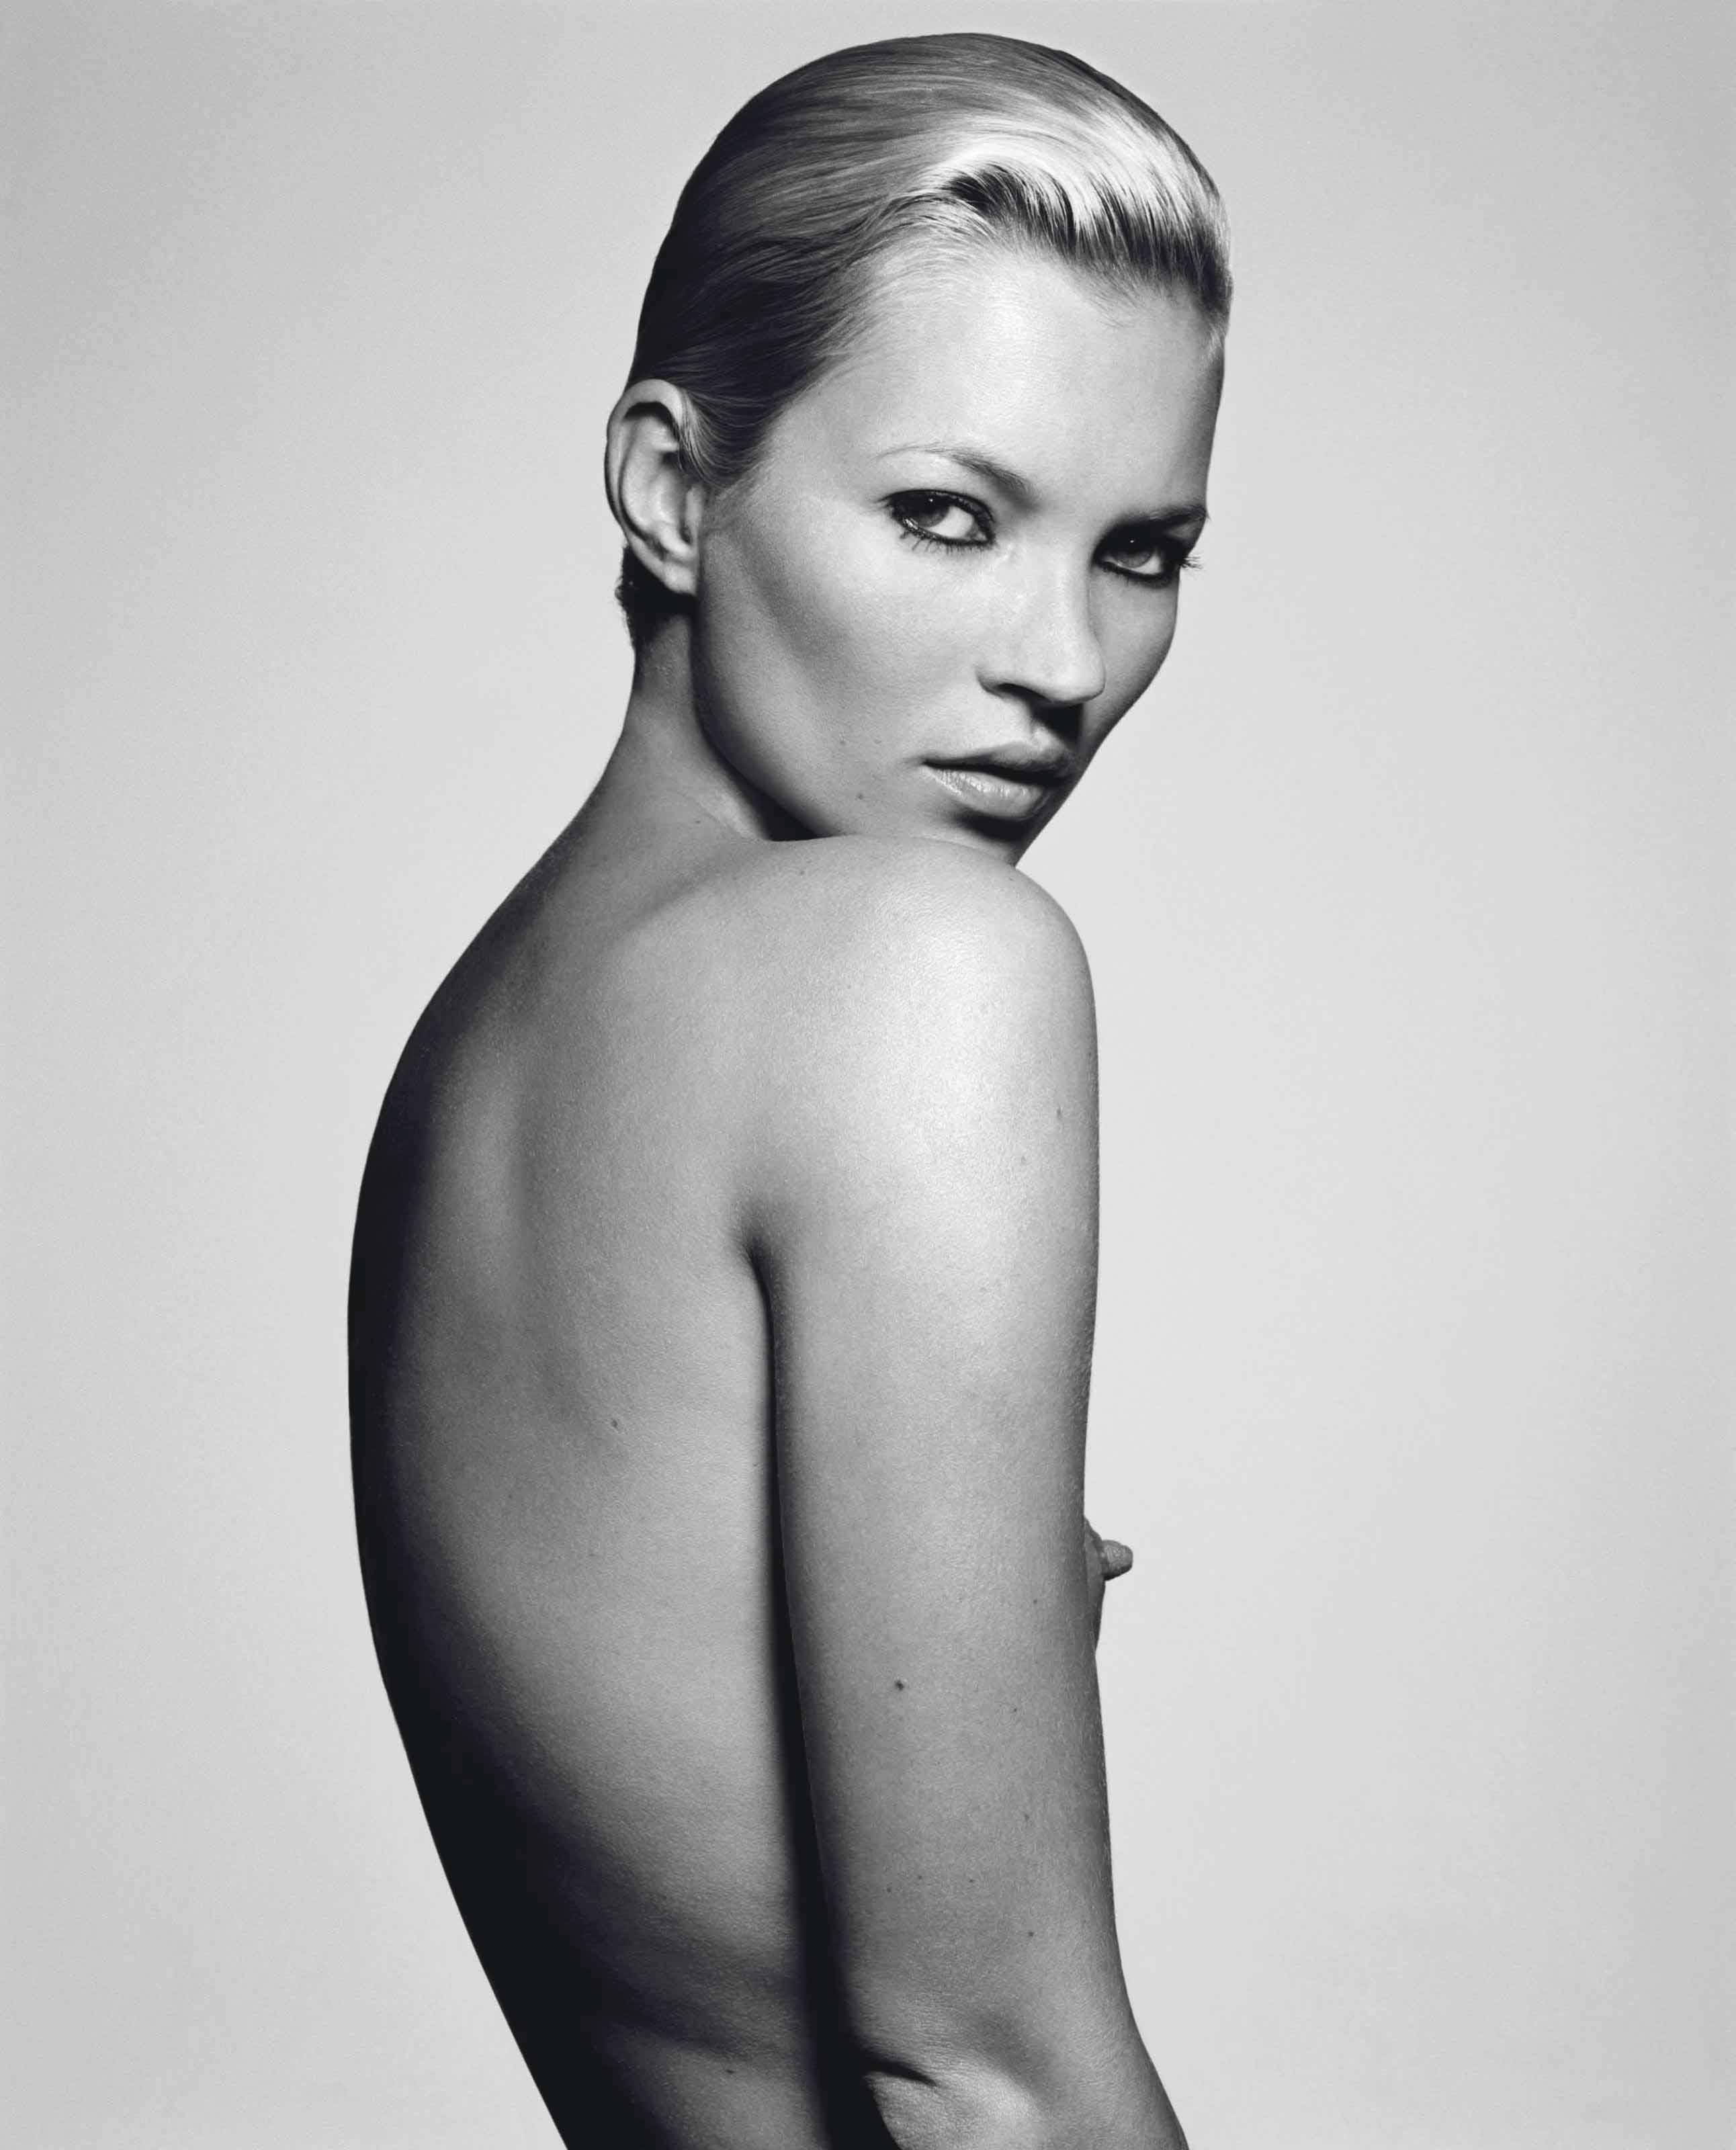 Little Nipple, 2001